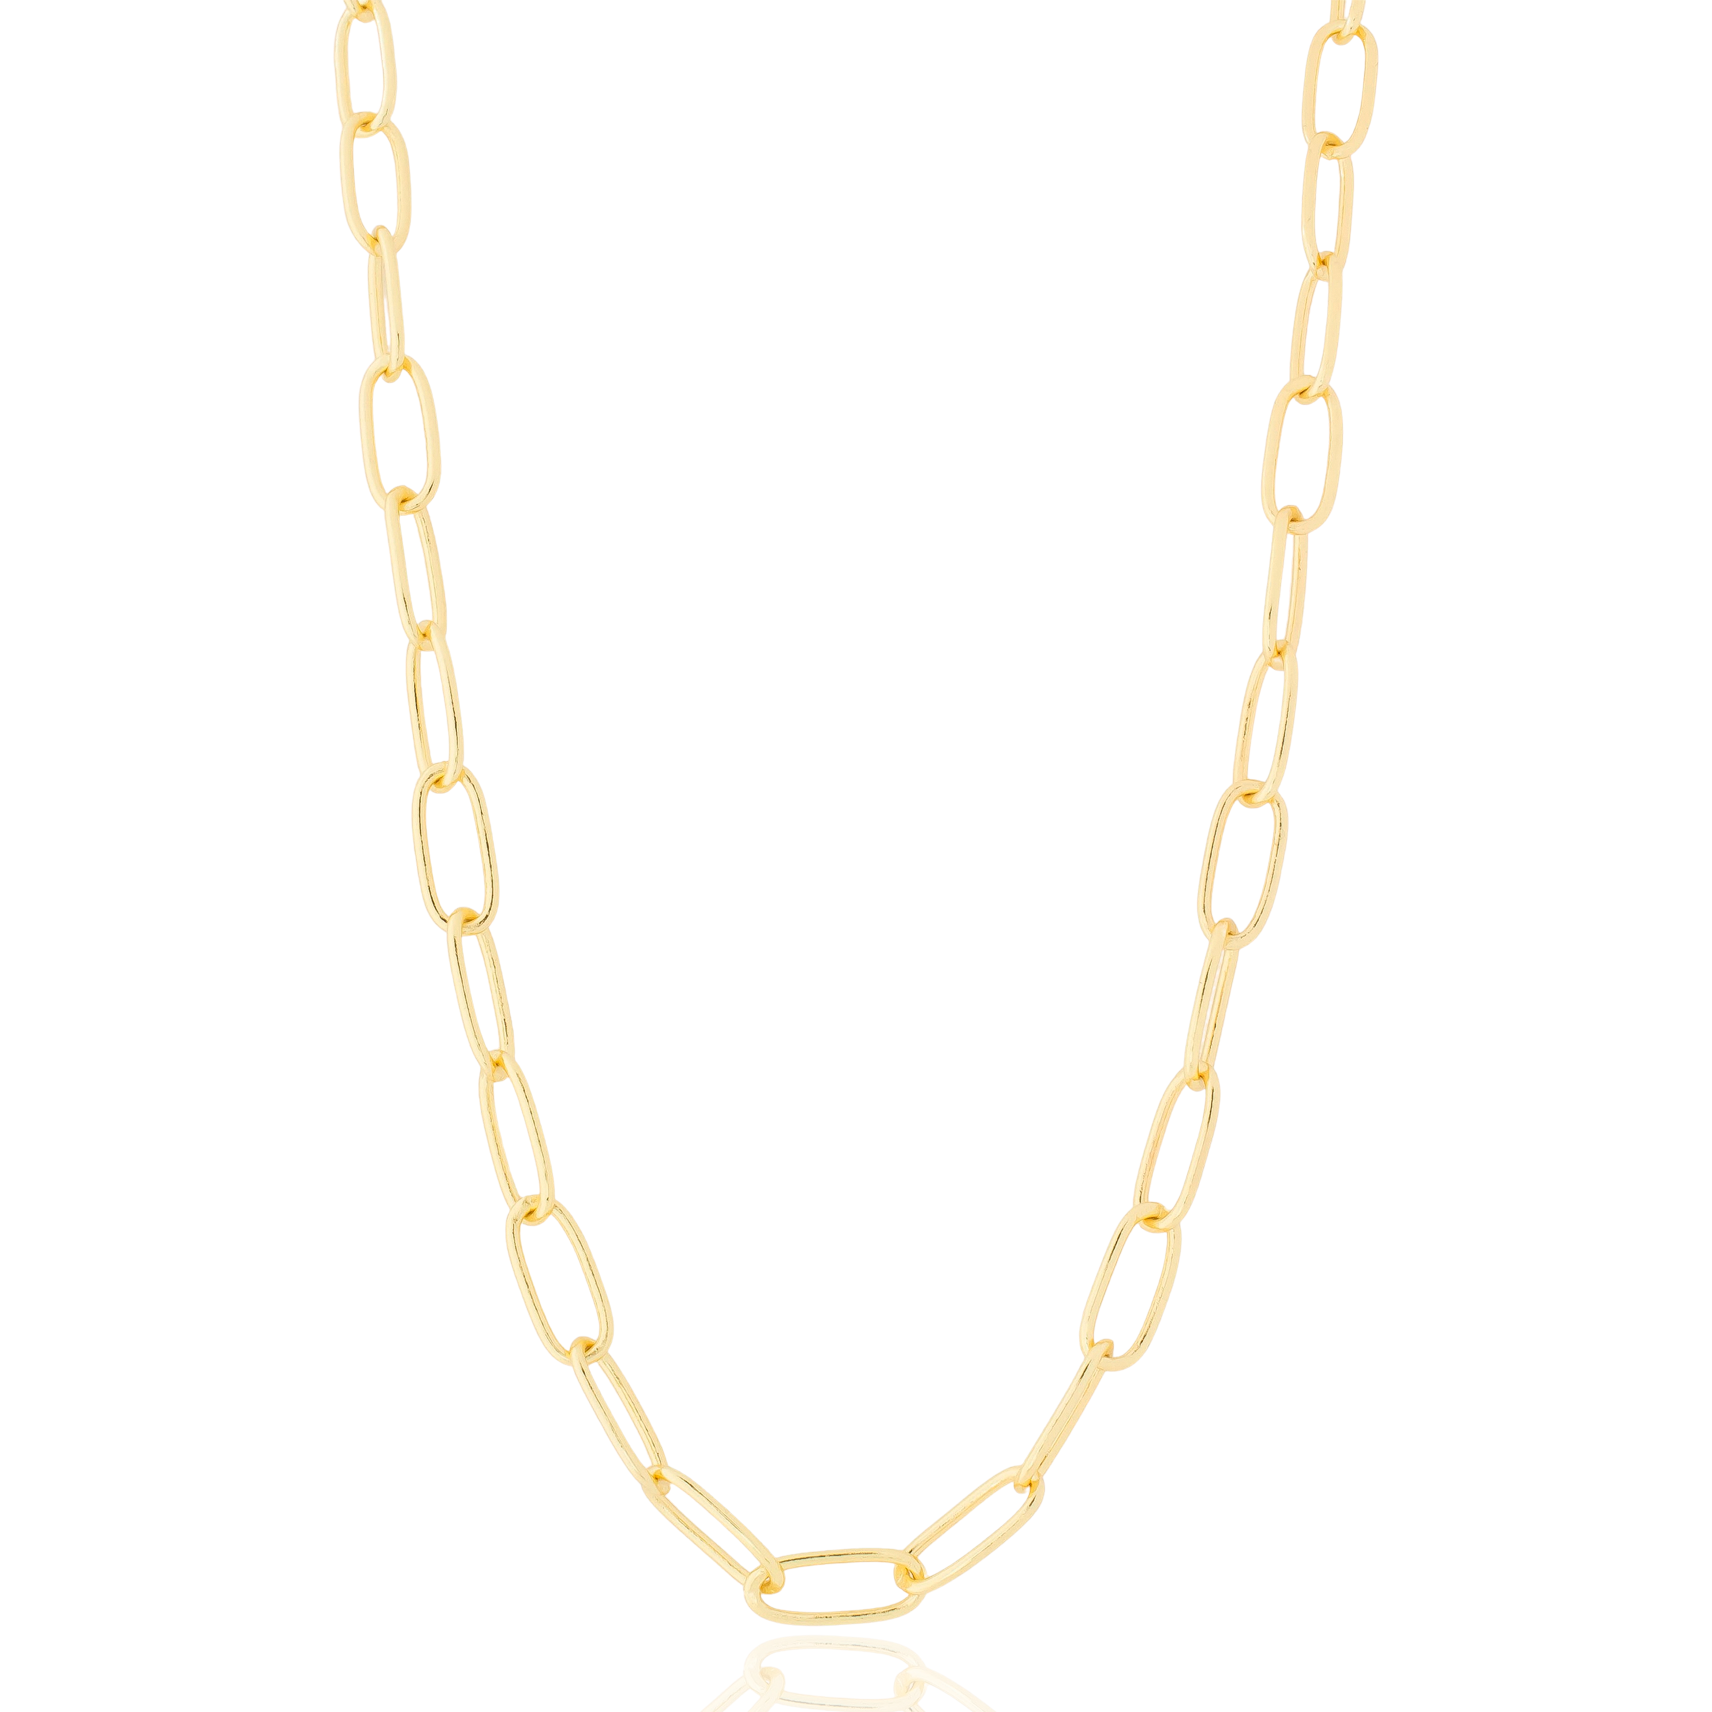 Corrente Elo Cartier Folheado em Ouro 18k - Giro Semijoias